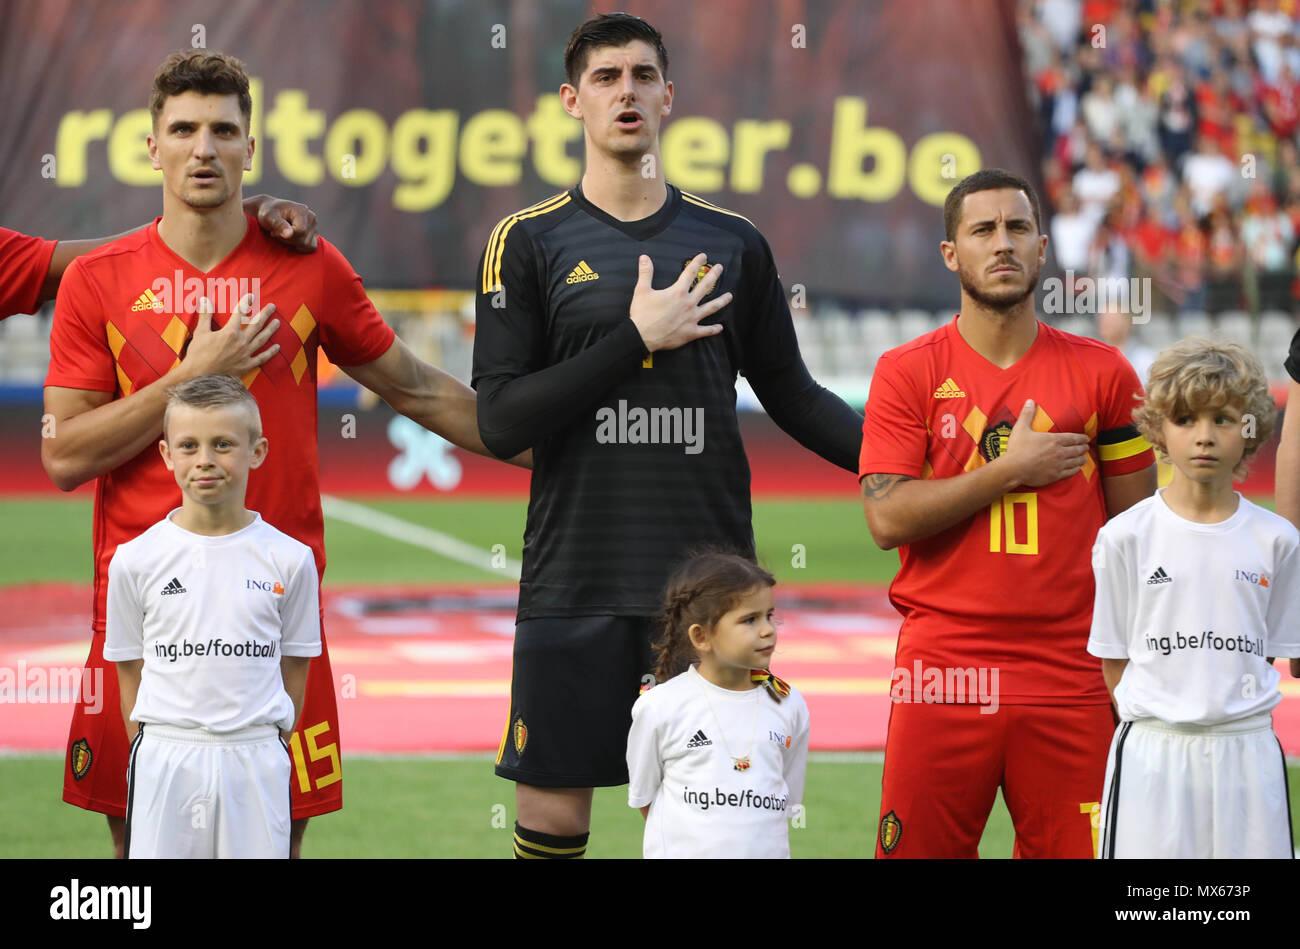 ¿Cuánto mide Edinson Cavani? - Real height Bruselas-belgica-2nd-jun-2018-thomas-meunierthibaut-courtois-y-eden-riesgo-belgicadurante-el-2018-fifa-juego-amistoso-partido-de-futbol-entre-belgica-y-portugal-el-2-de-junio-de-2018-en-el-estadio-rey-balduino-en-bruselas-belgica-foto-laurent-lairys-dppi-credito-laurent-lairysagence-locevaphotosalamy-live-news-mx673p